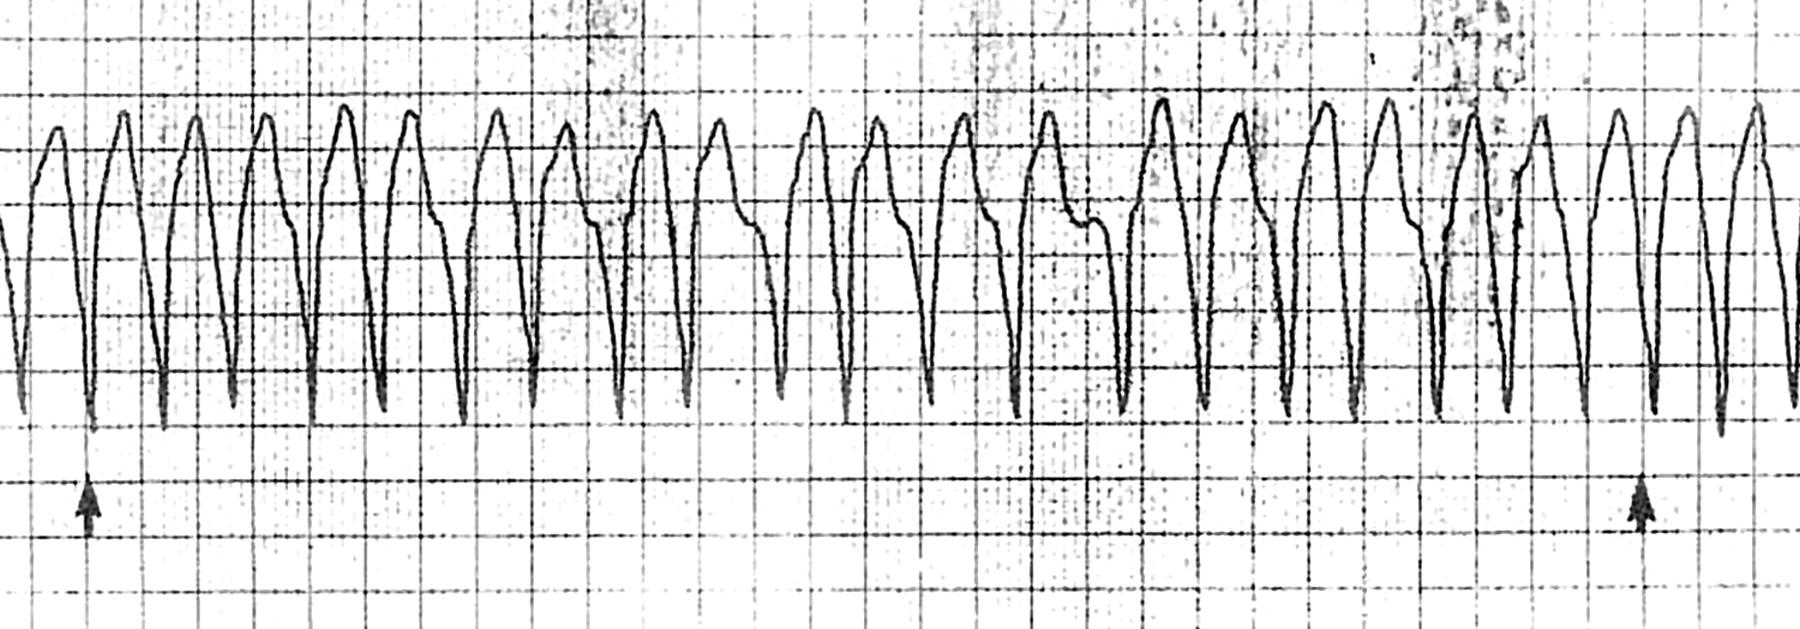 Синдром вольфа паркинсона уайта у детей фото